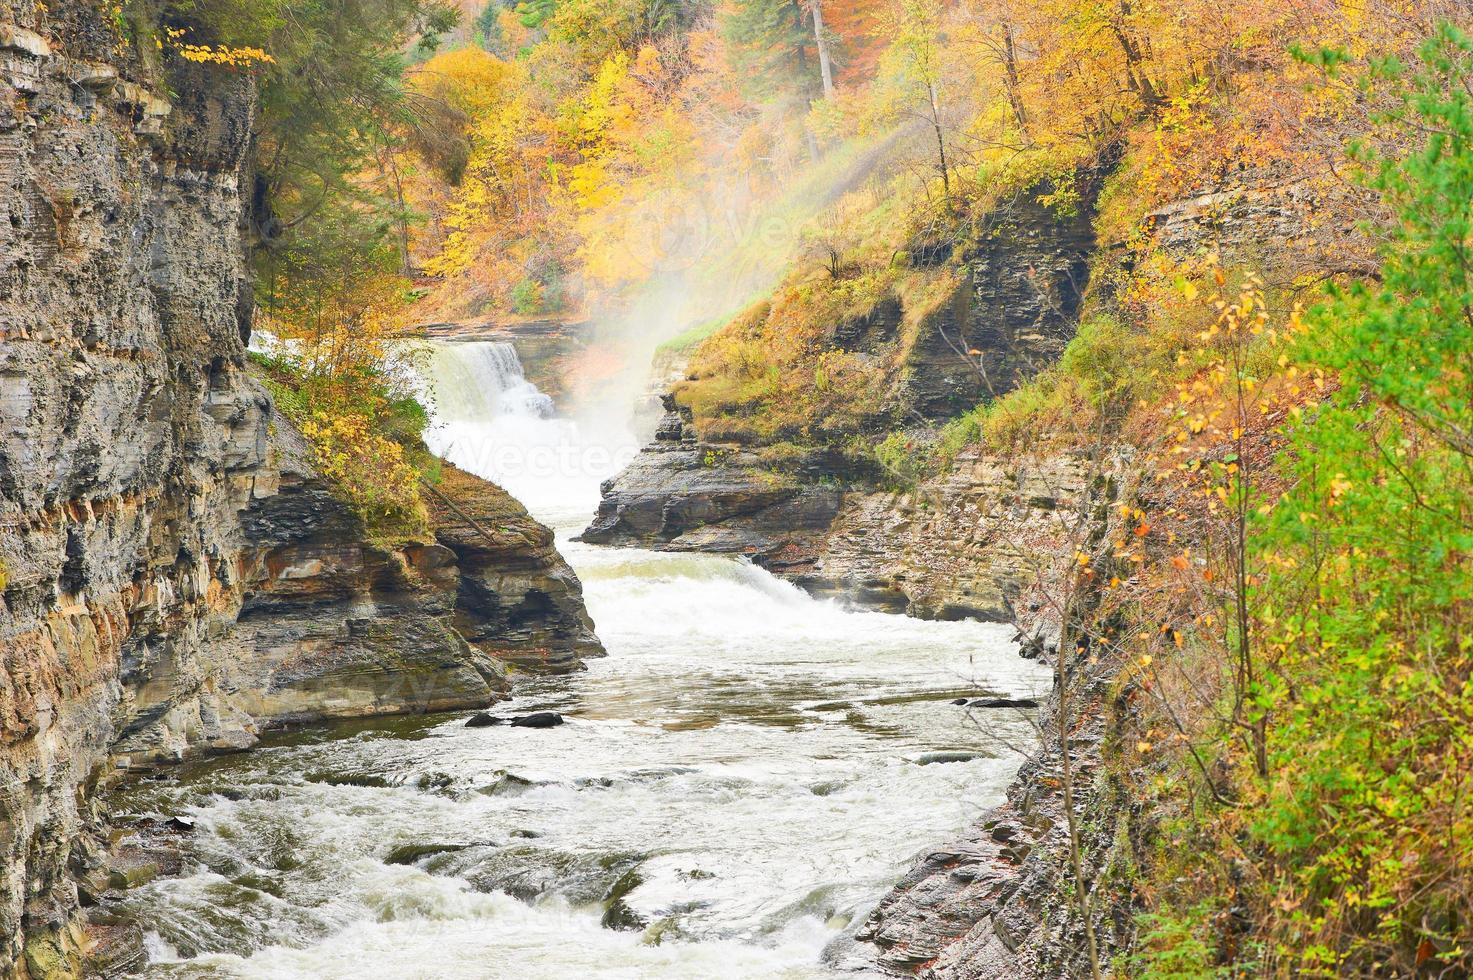 herfst scène van watervallen en kloof foto